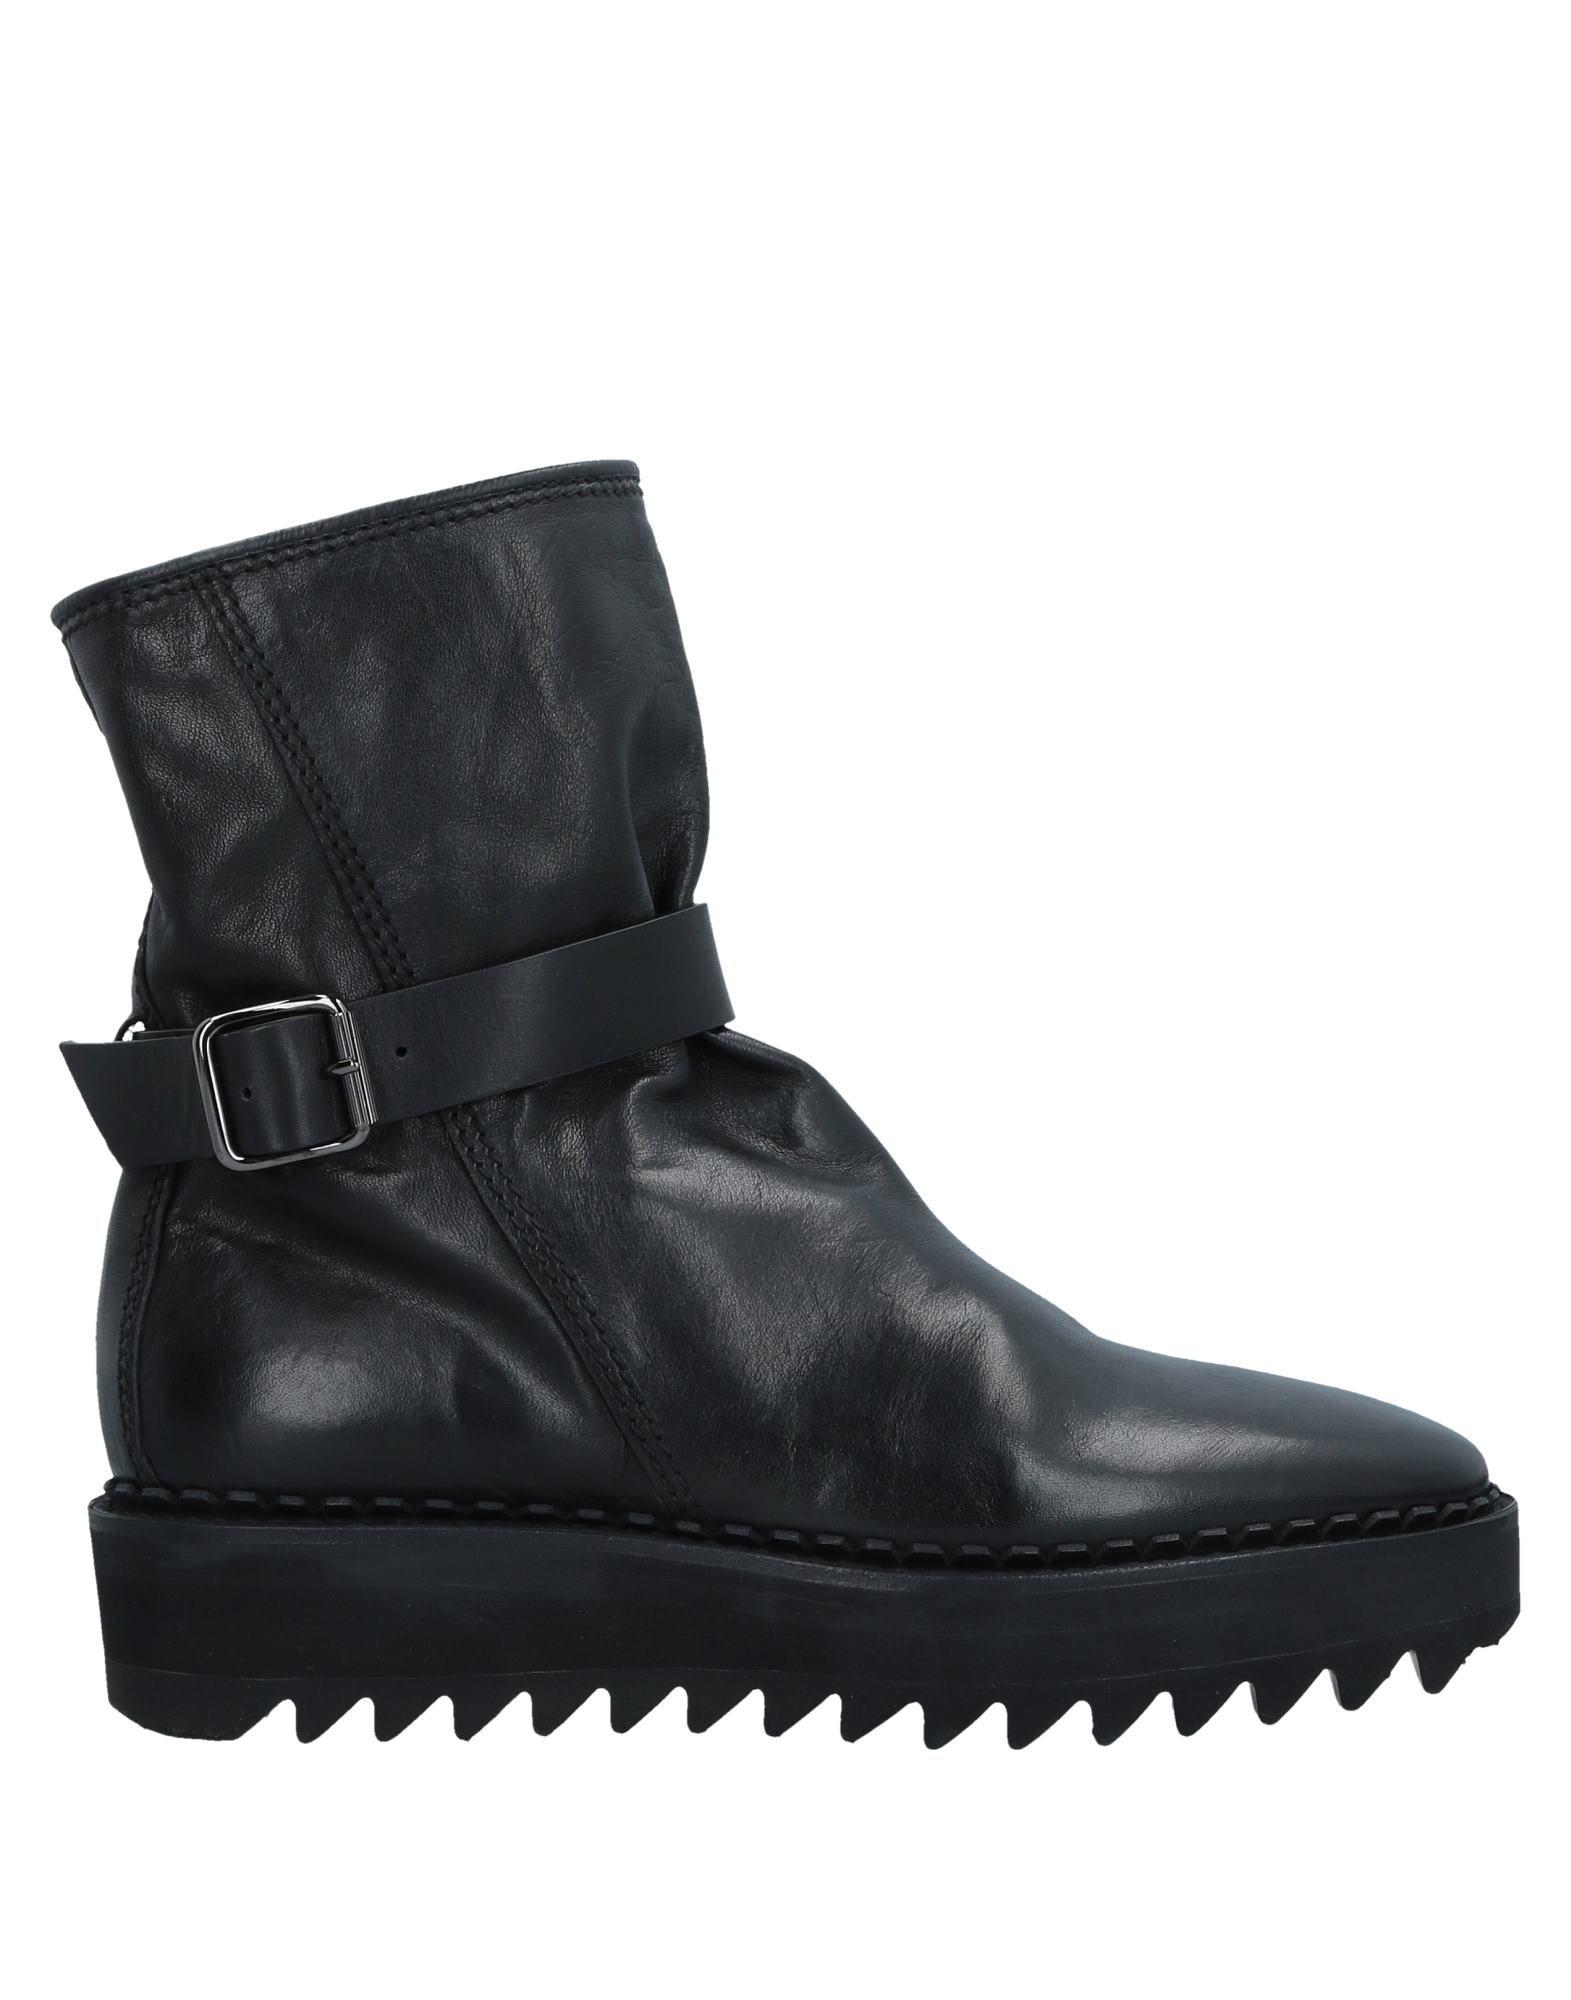 Premiata Stiefelette Herren  11529801EW Gute Qualität beliebte Schuhe